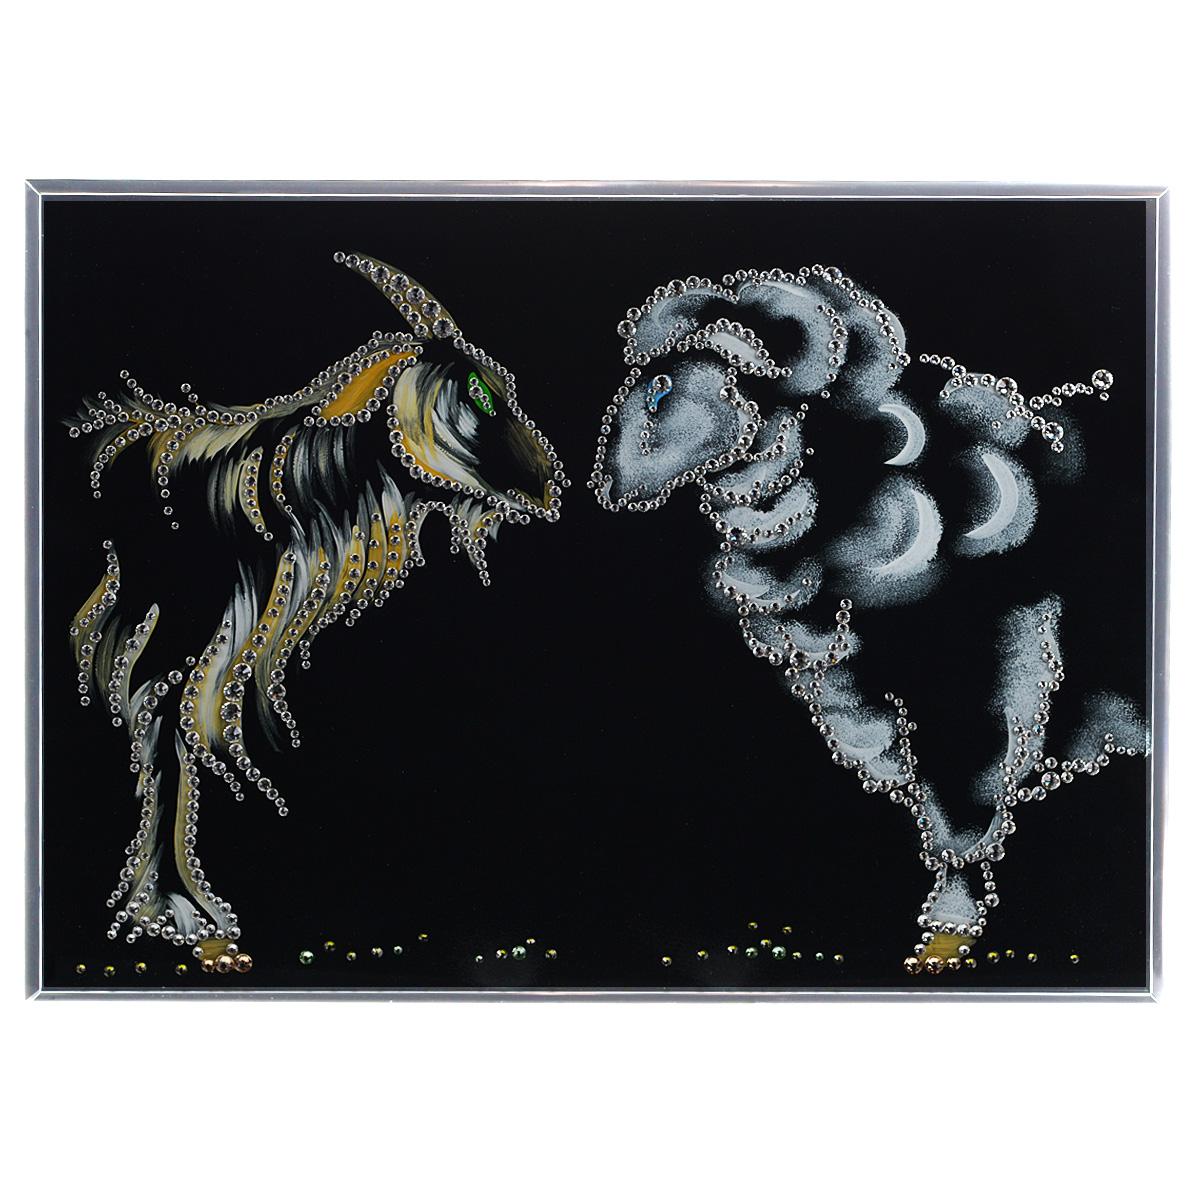 Картина с кристаллами Swarovski Символ 2015, 40 см х 30 см296664Изящная картина в металлической раме, инкрустирована кристаллами Swarovski, которые отличаются четкой и ровной огранкой, ярким блеском и чистотой цвета. Красочное изображение символа 2015 года - овечки и козы, расположенное на внутренней стороне стекла, прекрасно дополняет блеск кристаллов. Под стеклом картина оформлена бархатистой тканью черного цвета. С обратной стороны имеется металлическая петелька для размещения картины на стене.Картина с кристаллами Swarovski Символ 2015 элегантно украсит интерьер дома или офиса, а также станет прекрасным подарком, который обязательно понравится получателю. Блеск кристаллов в интерьере, что может быть сказочнее и удивительнее. Картина упакована в подарочную картонную коробку синего цвета и комплектуется сертификатом соответствия Swarovski.